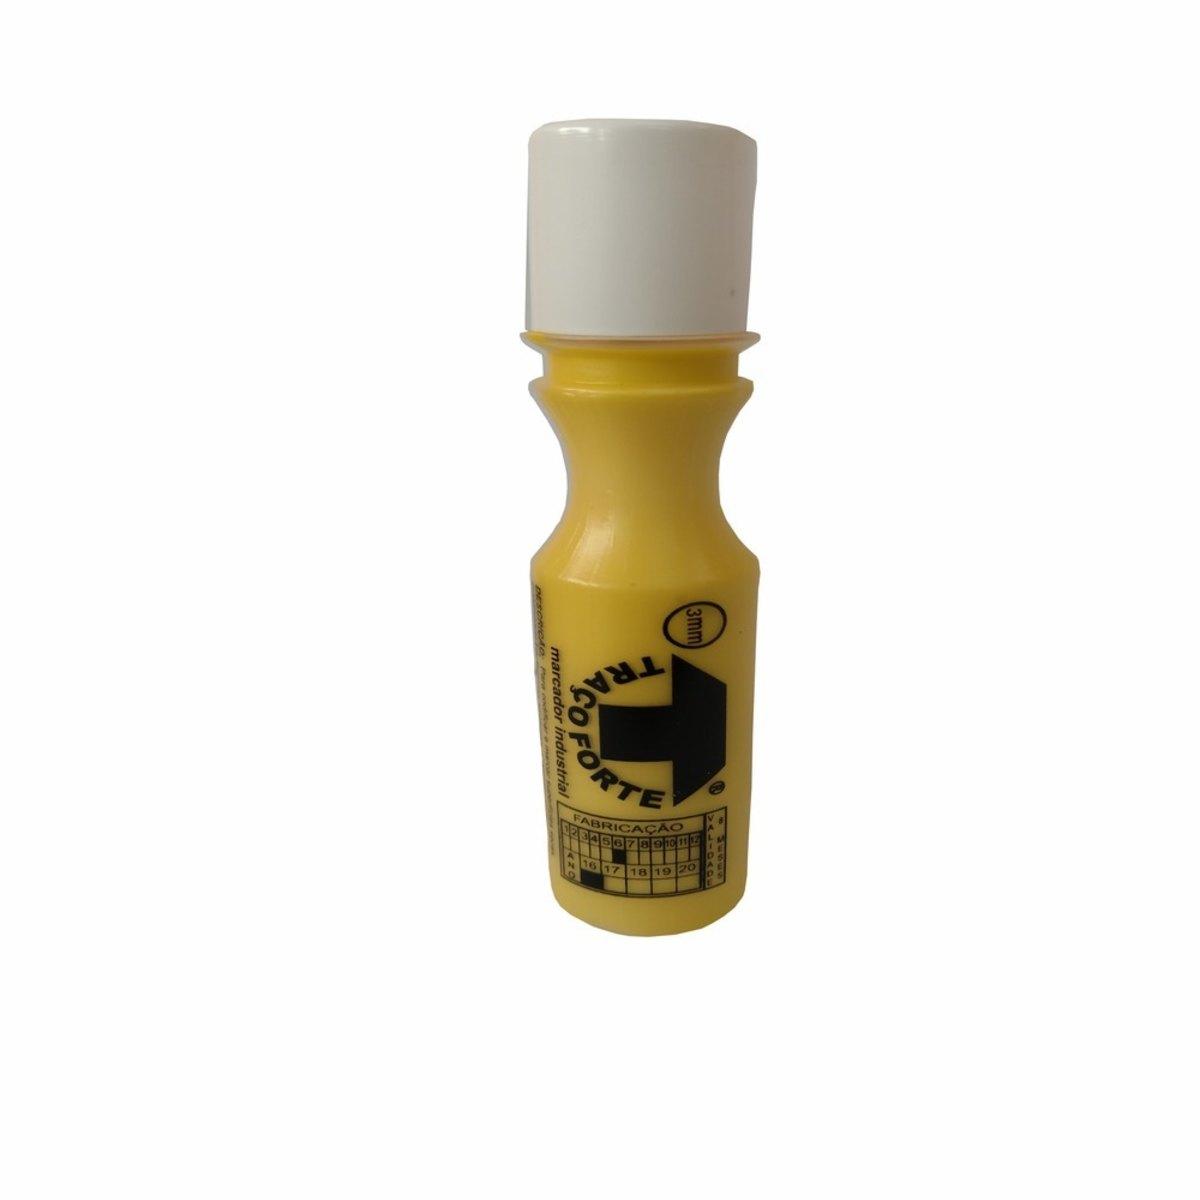 Marcador Industrial TF 3mm Amarelo 60ml - Baden